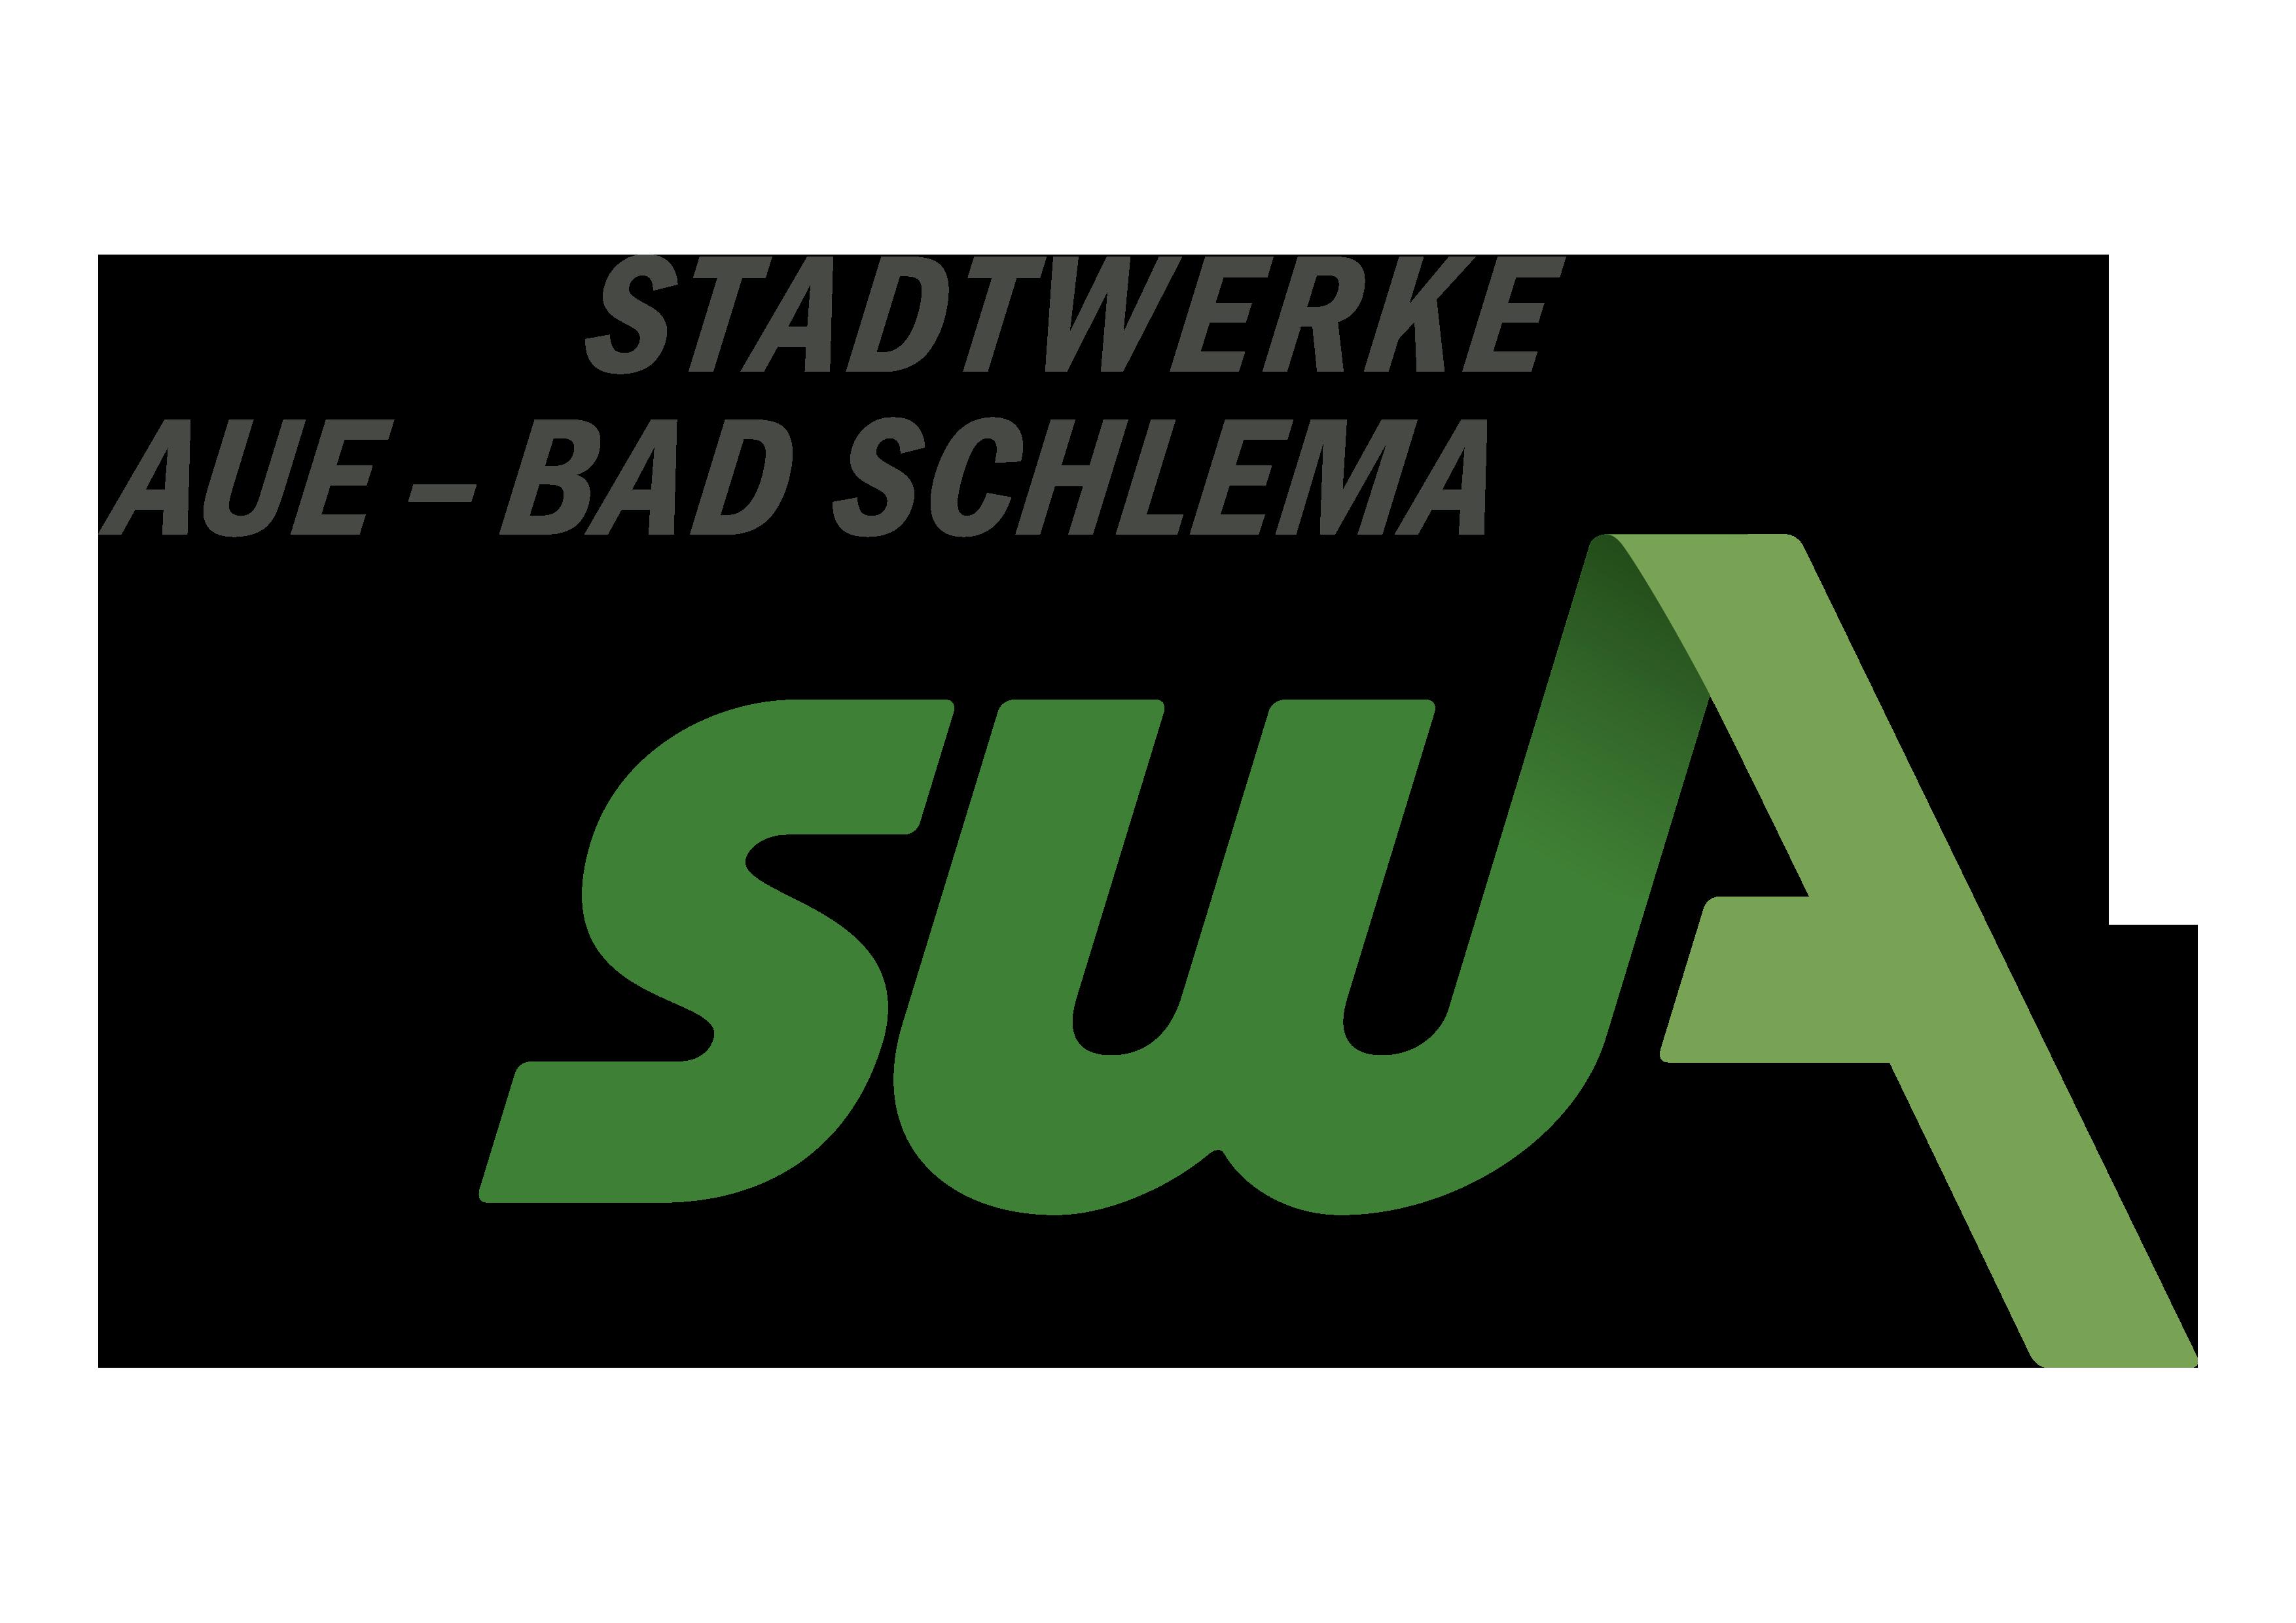 Stadtwerke Aue-Bad Schlema